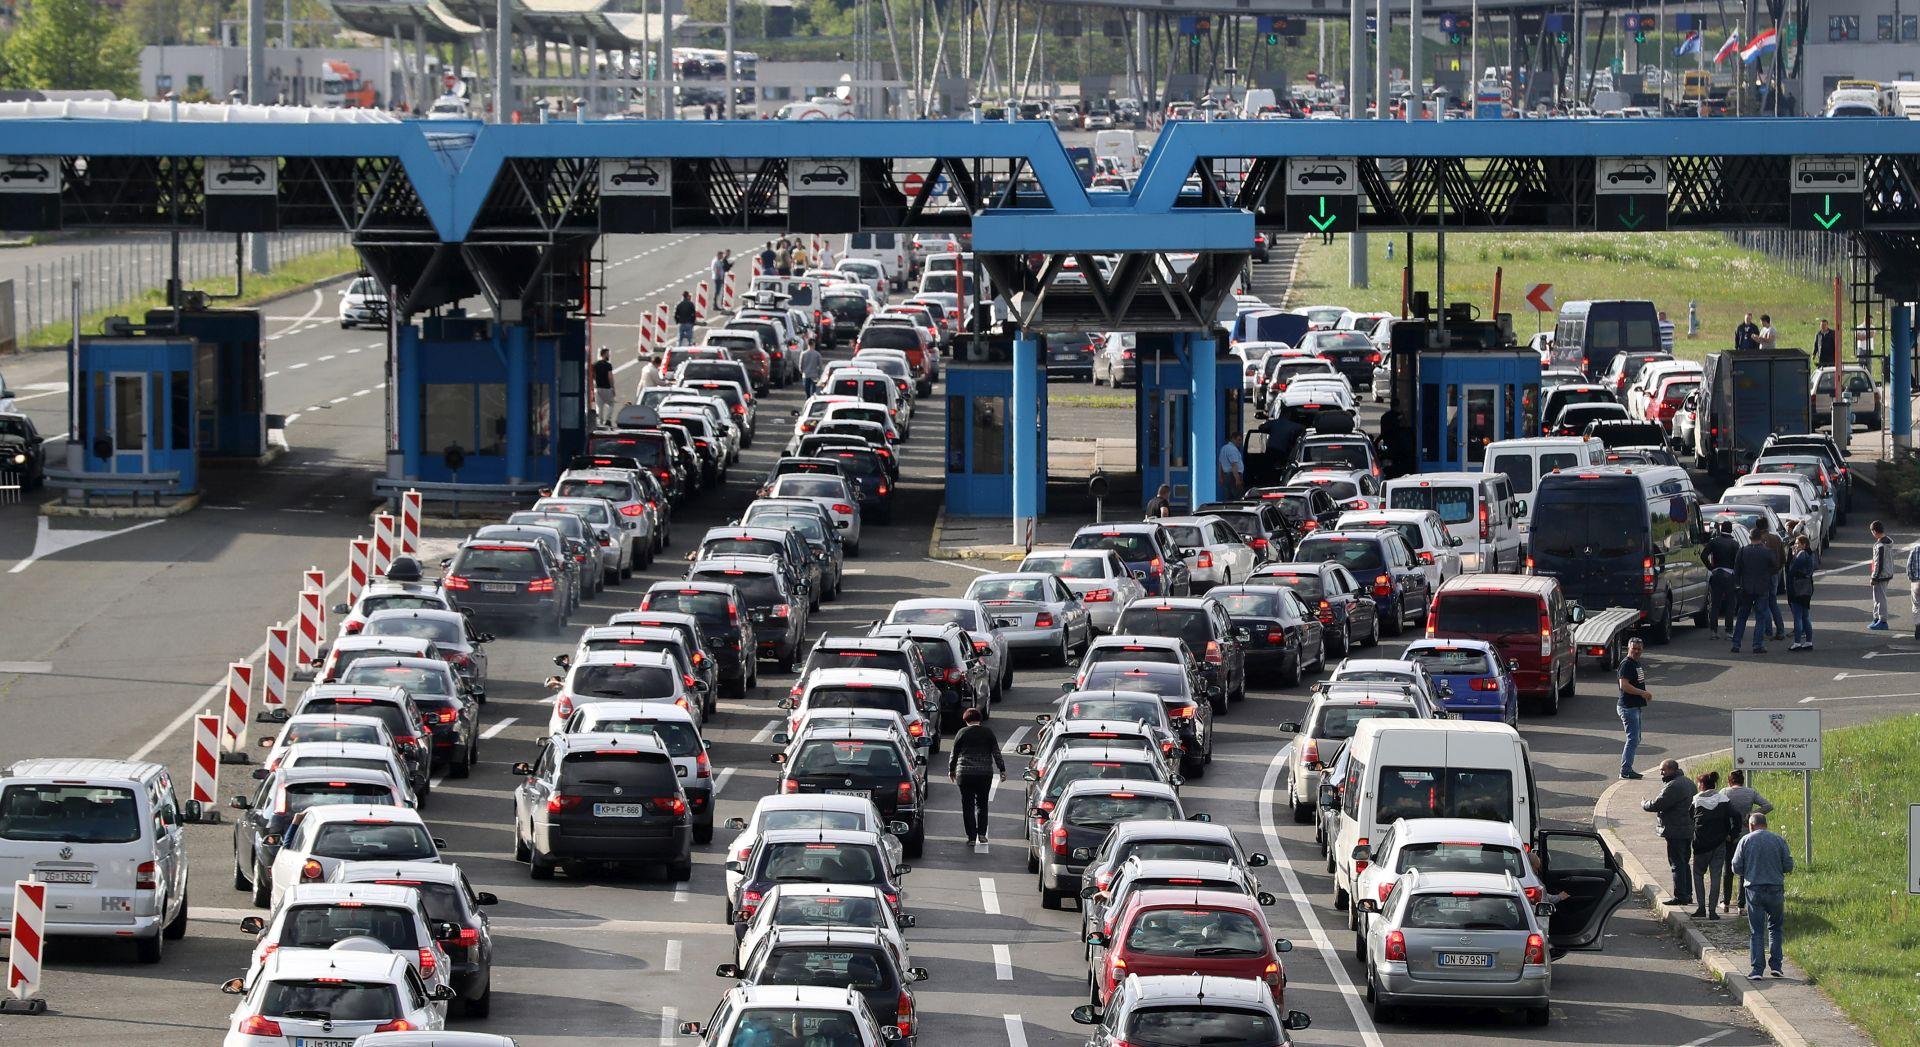 Zbog gužvi na granicama Grabar-Kitarović pisala Tusku, Tajaniju i Junckeru